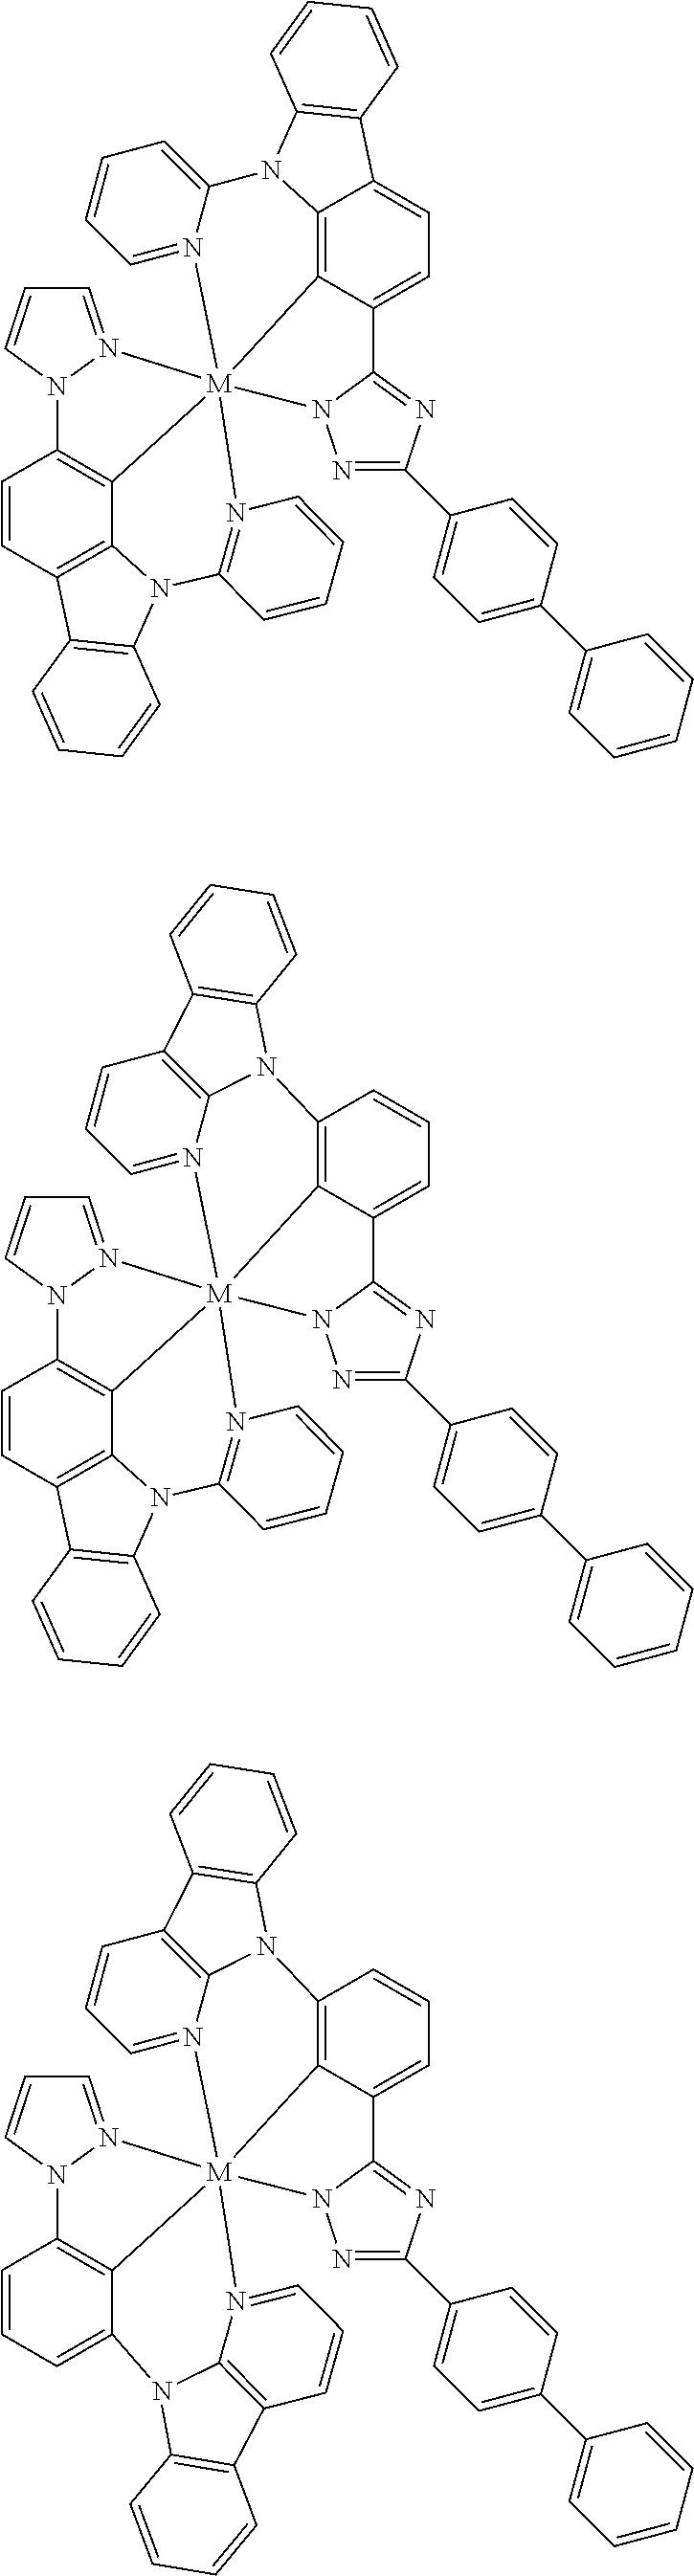 Figure US09818959-20171114-C00270